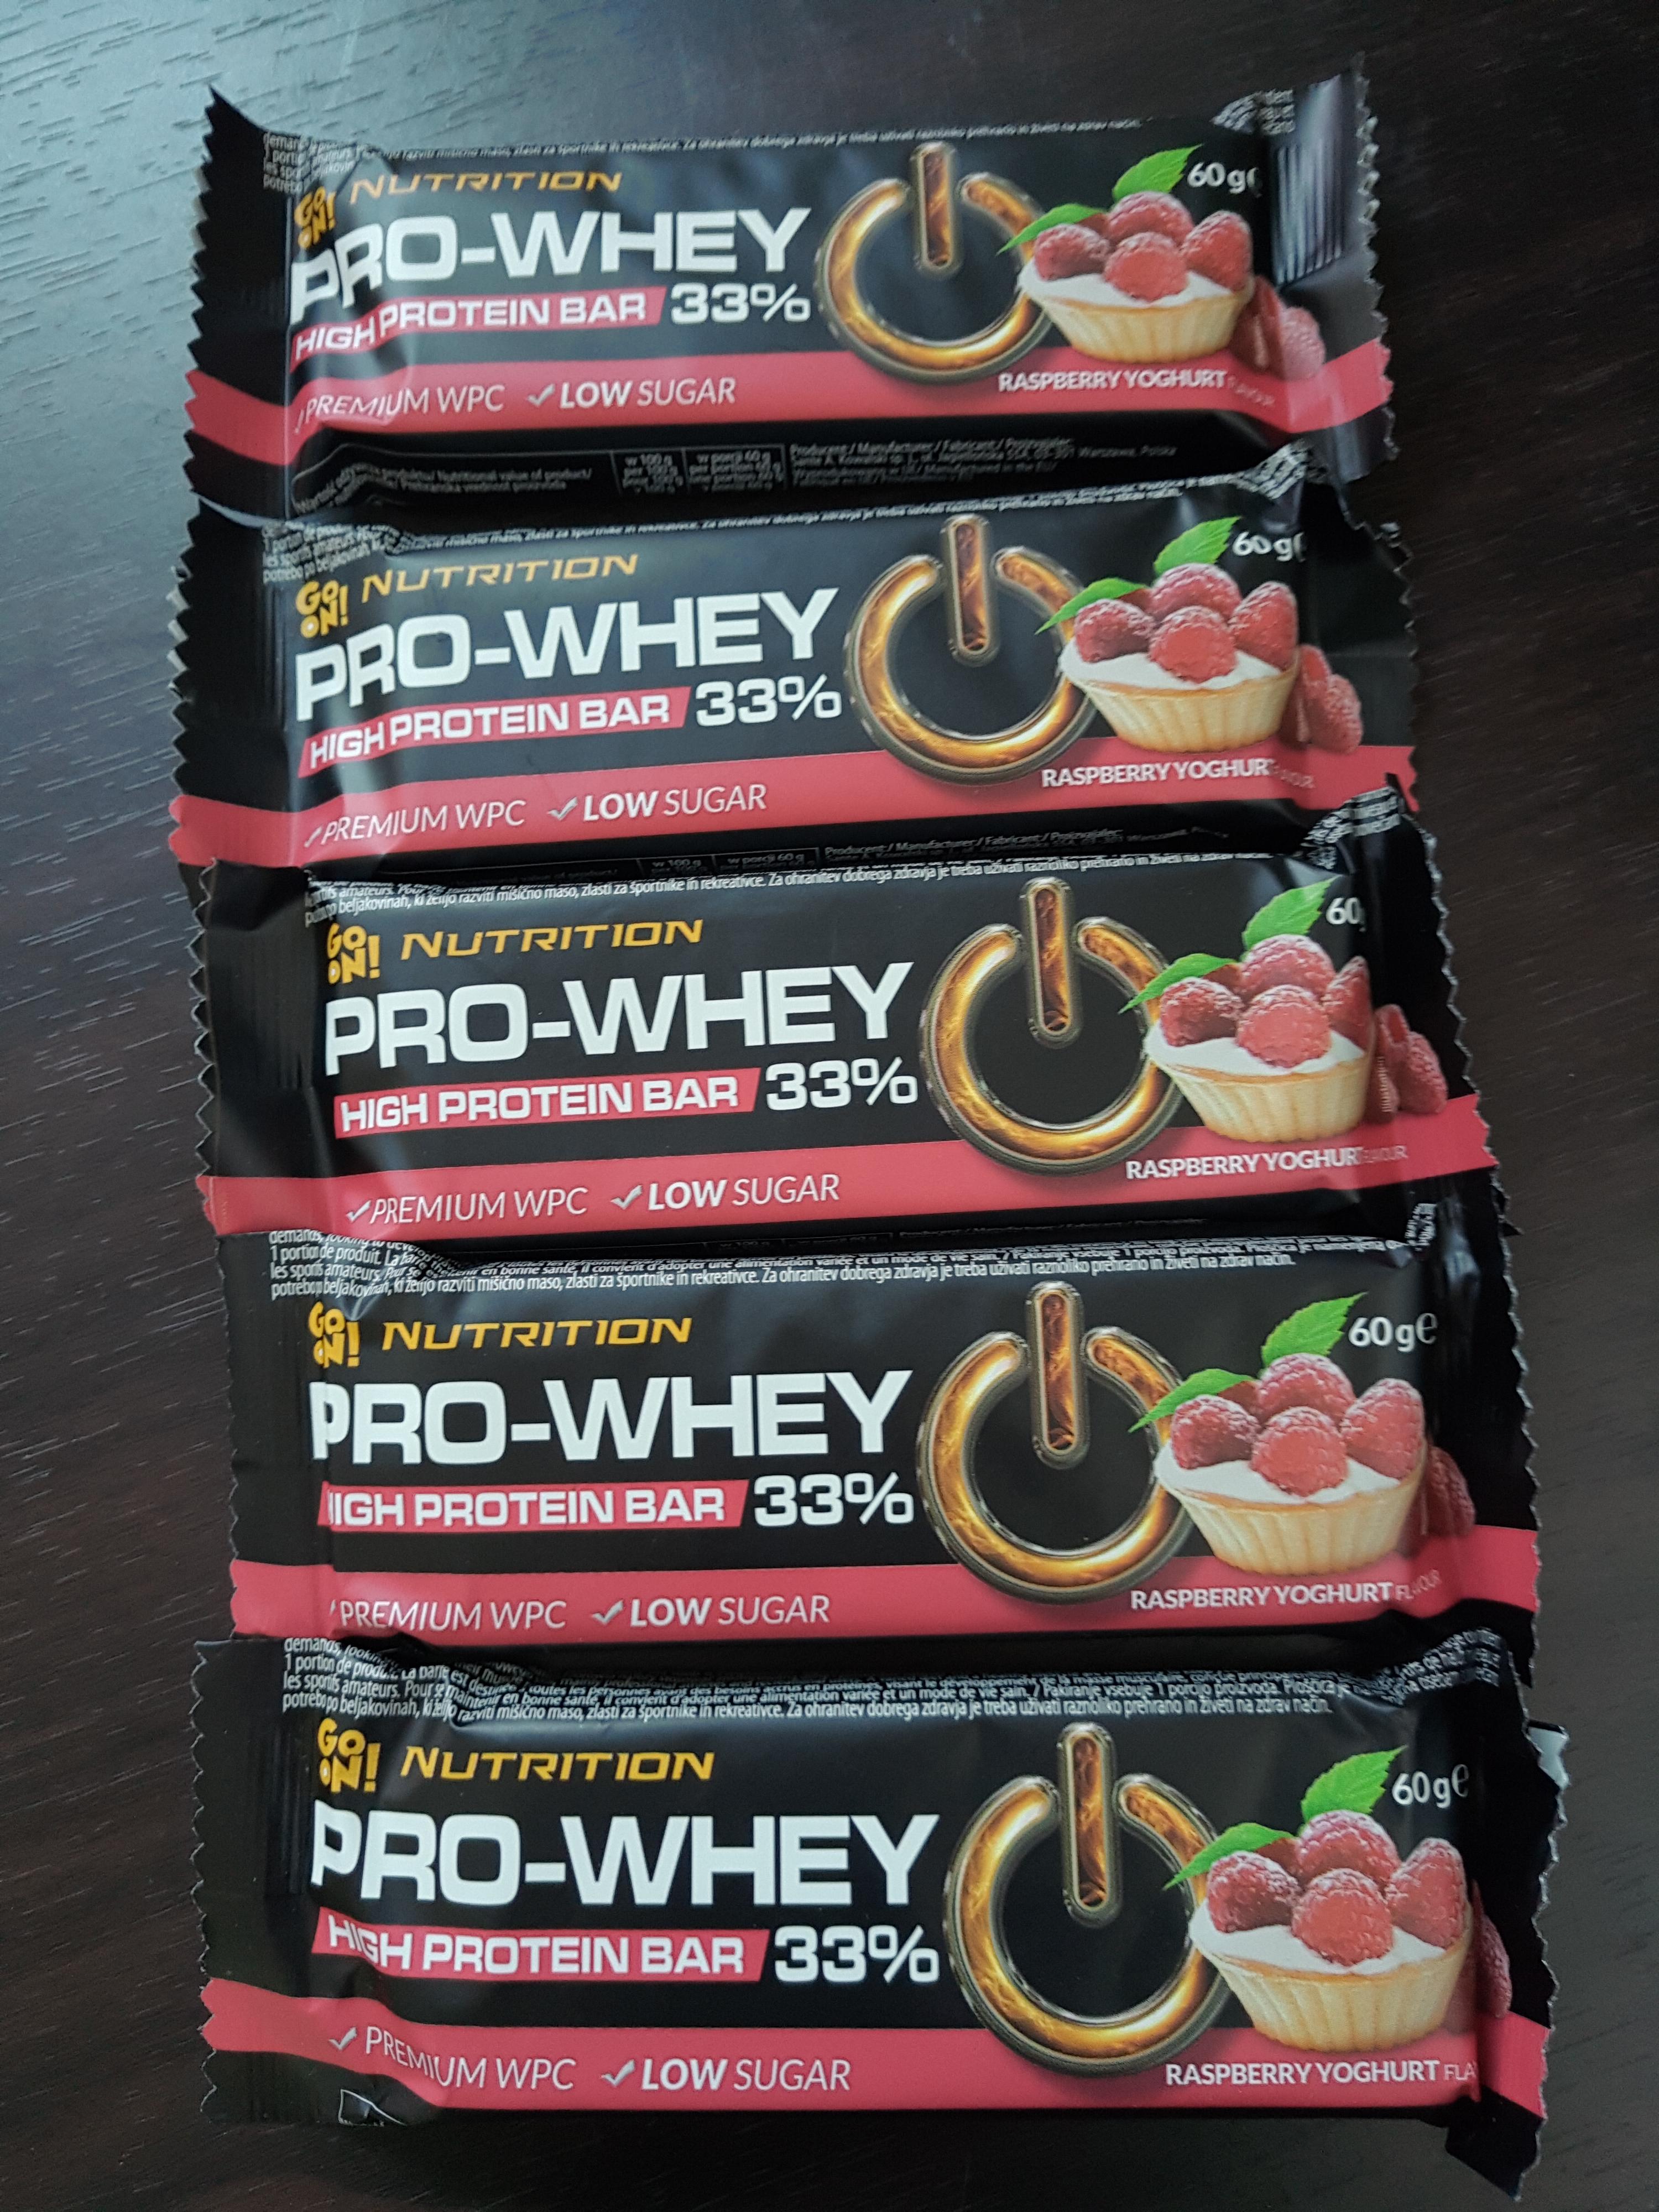 Baton proteinowy Pro Whey Nutrition 19,8g białka w batonie